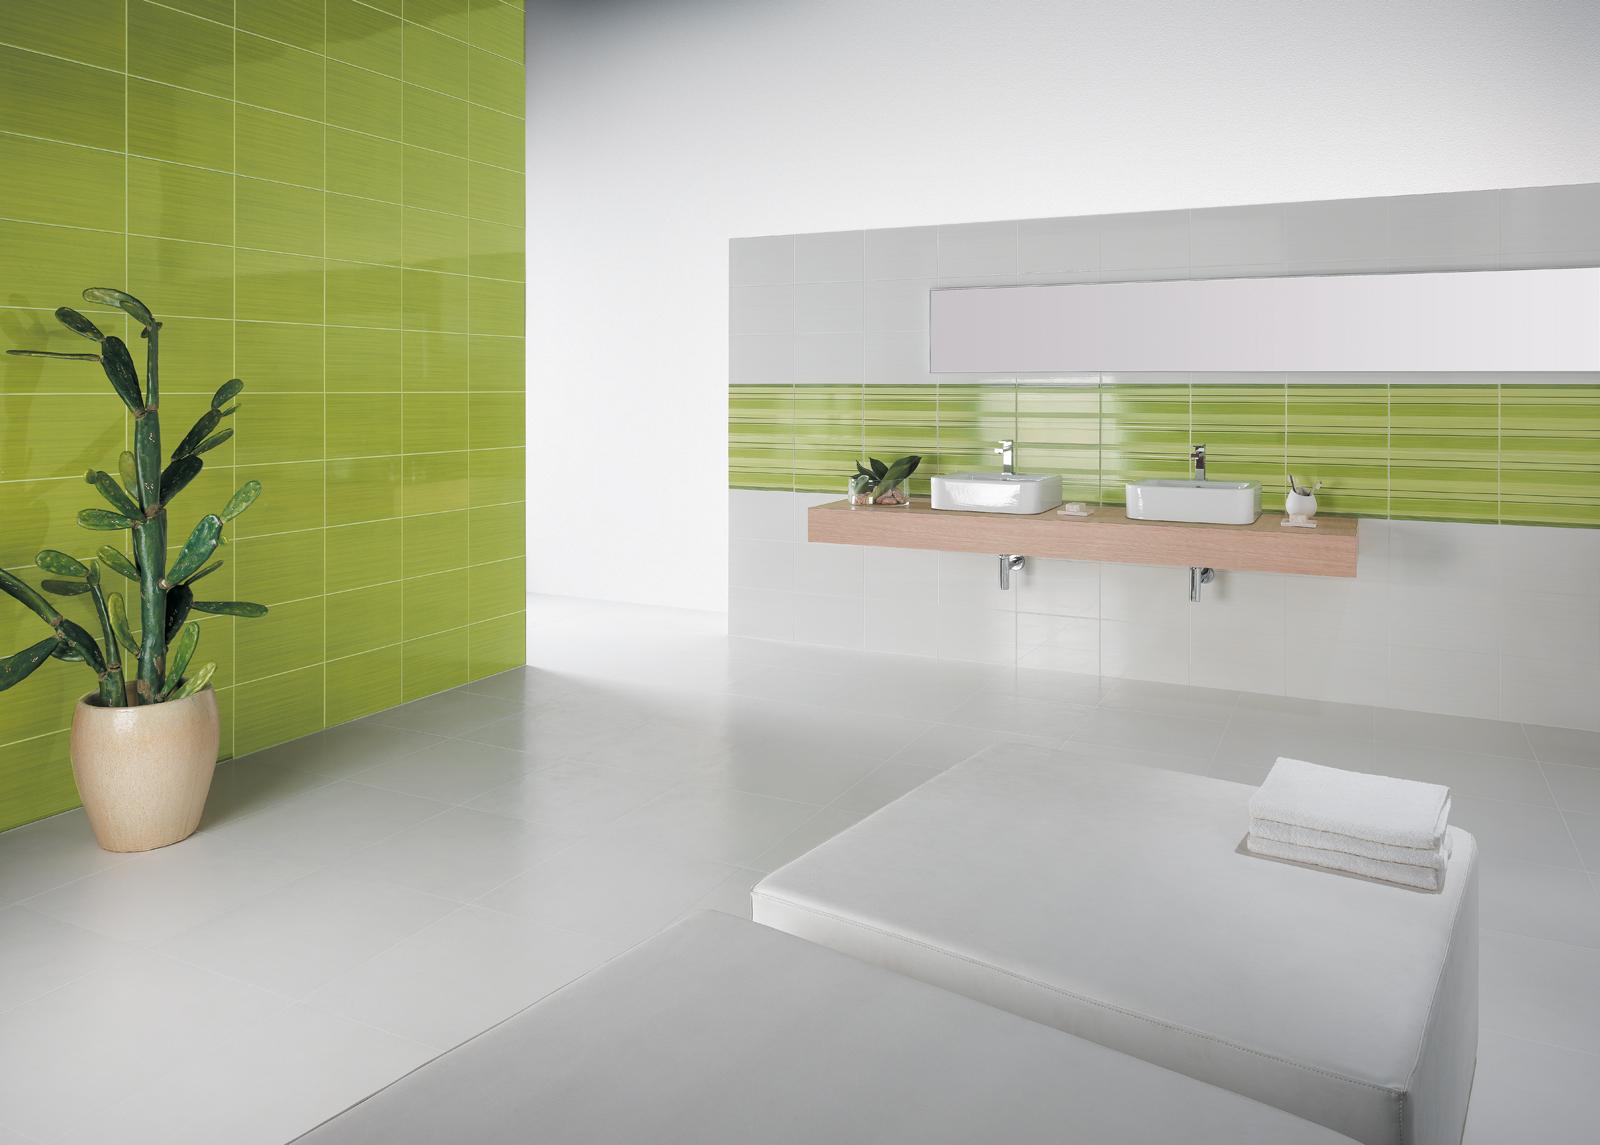 piastrelle bagno verde ~ Comarg.com = Lussuoso Design del Bagno con ...